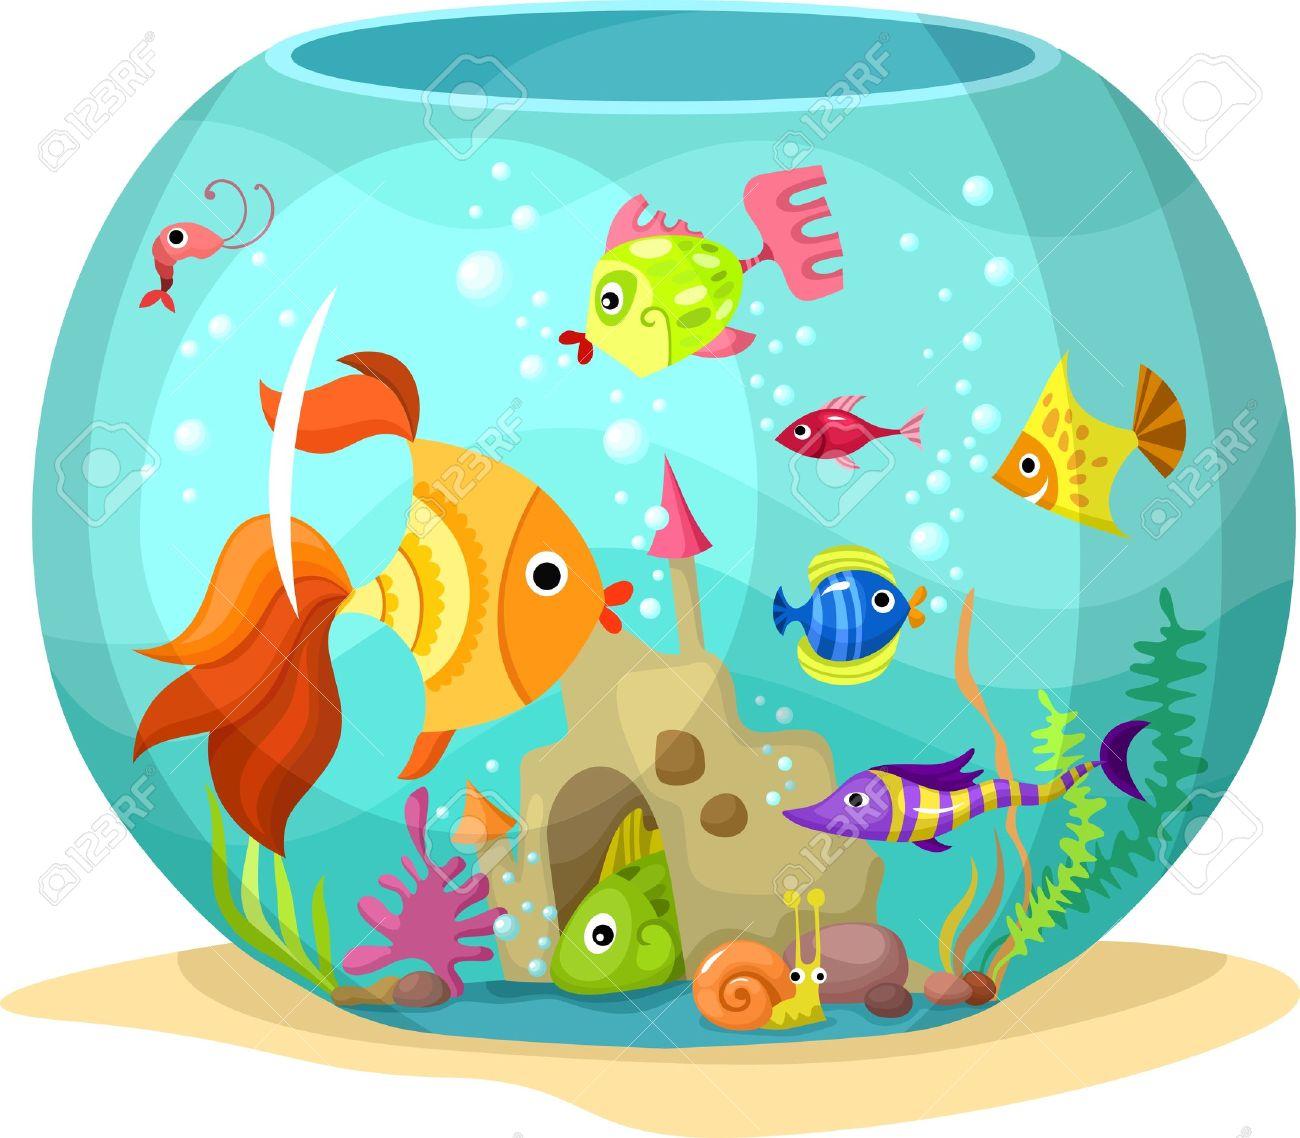 fish tank: aquarium-fish tank: aquarium-3